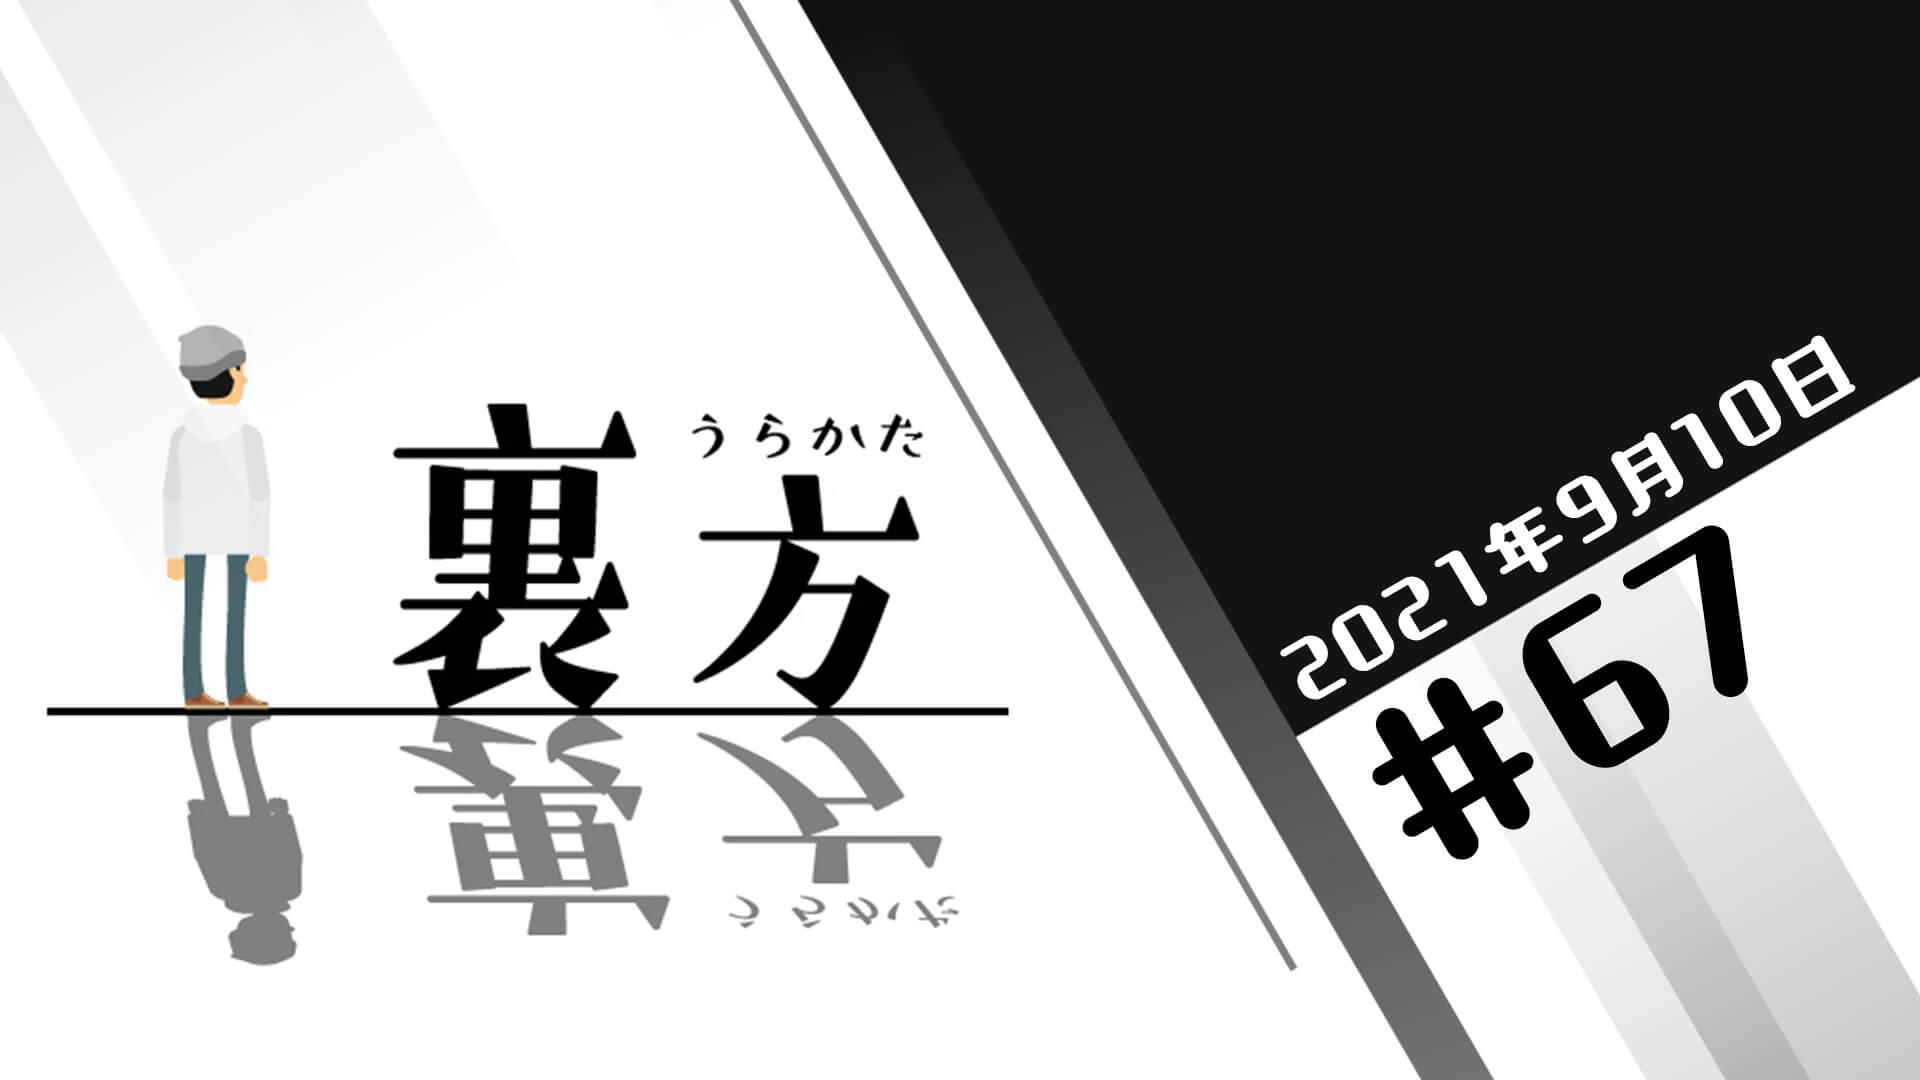 文化放送超!A&G+ 「裏方」#67 (2021年9月10日放送分)